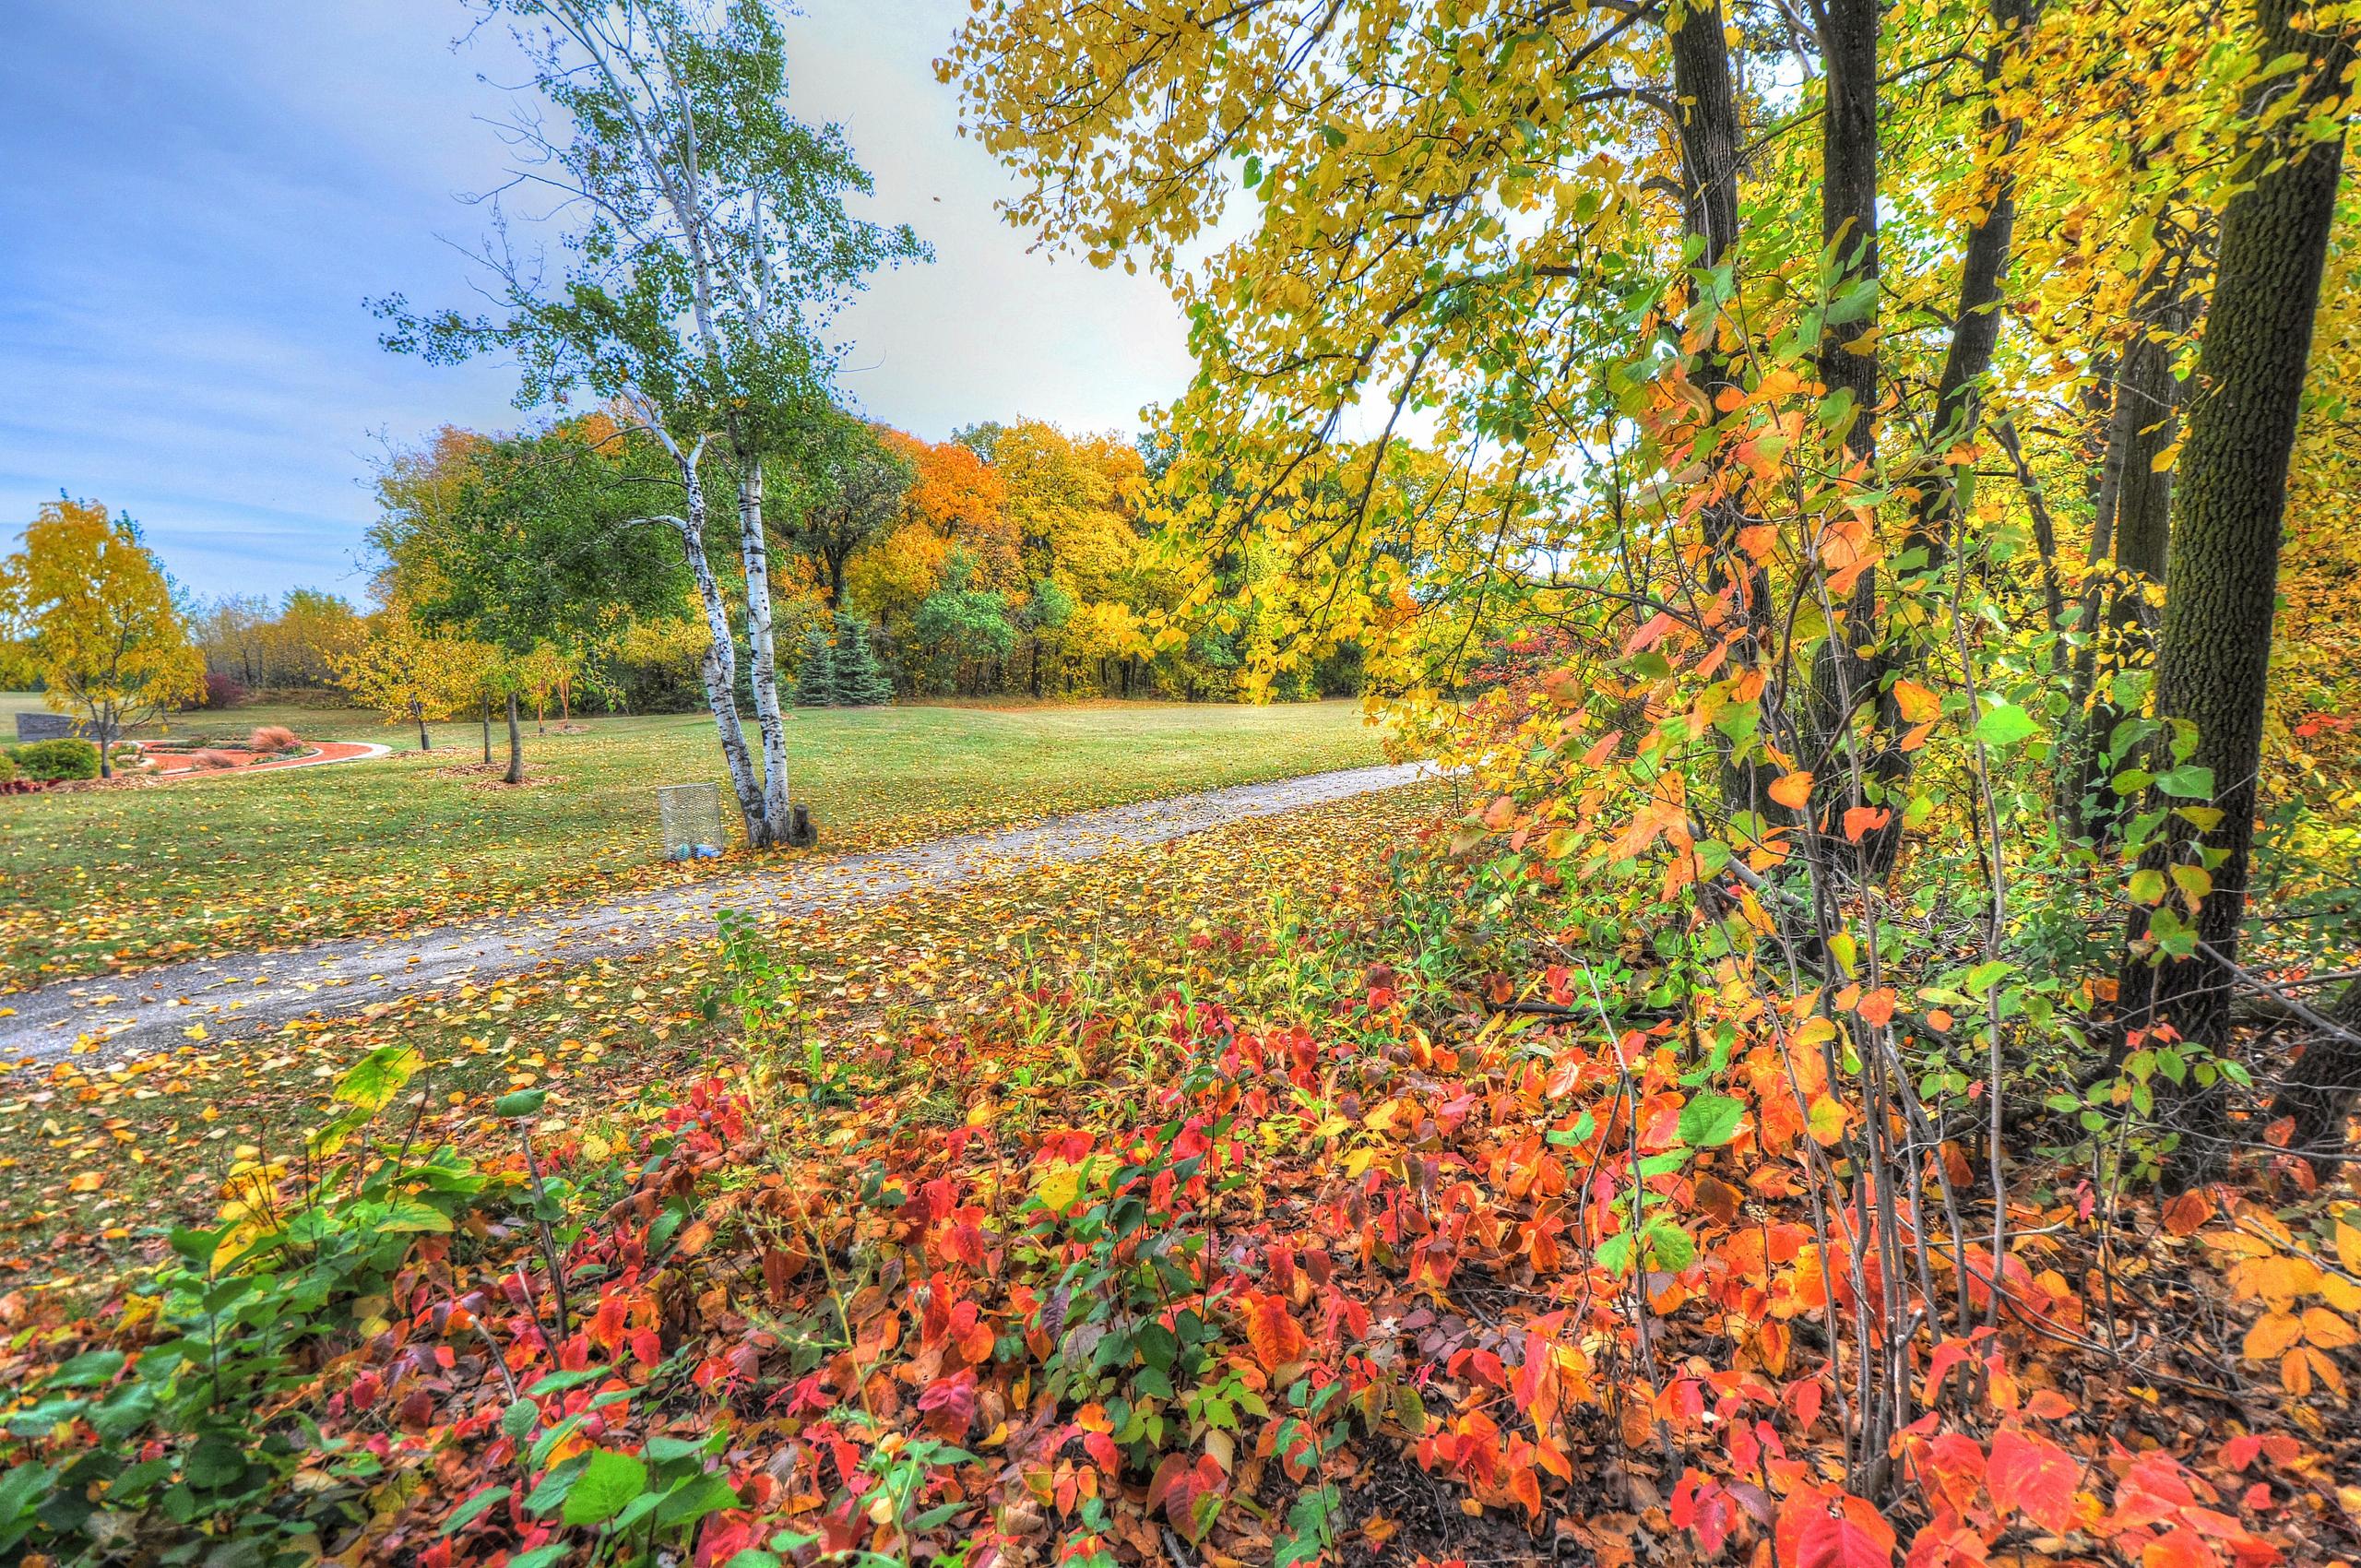 128853 завантажити шпалери Природа, Осінь, Дерева, Стежка, Шлях, Ліс - заставки і картинки безкоштовно